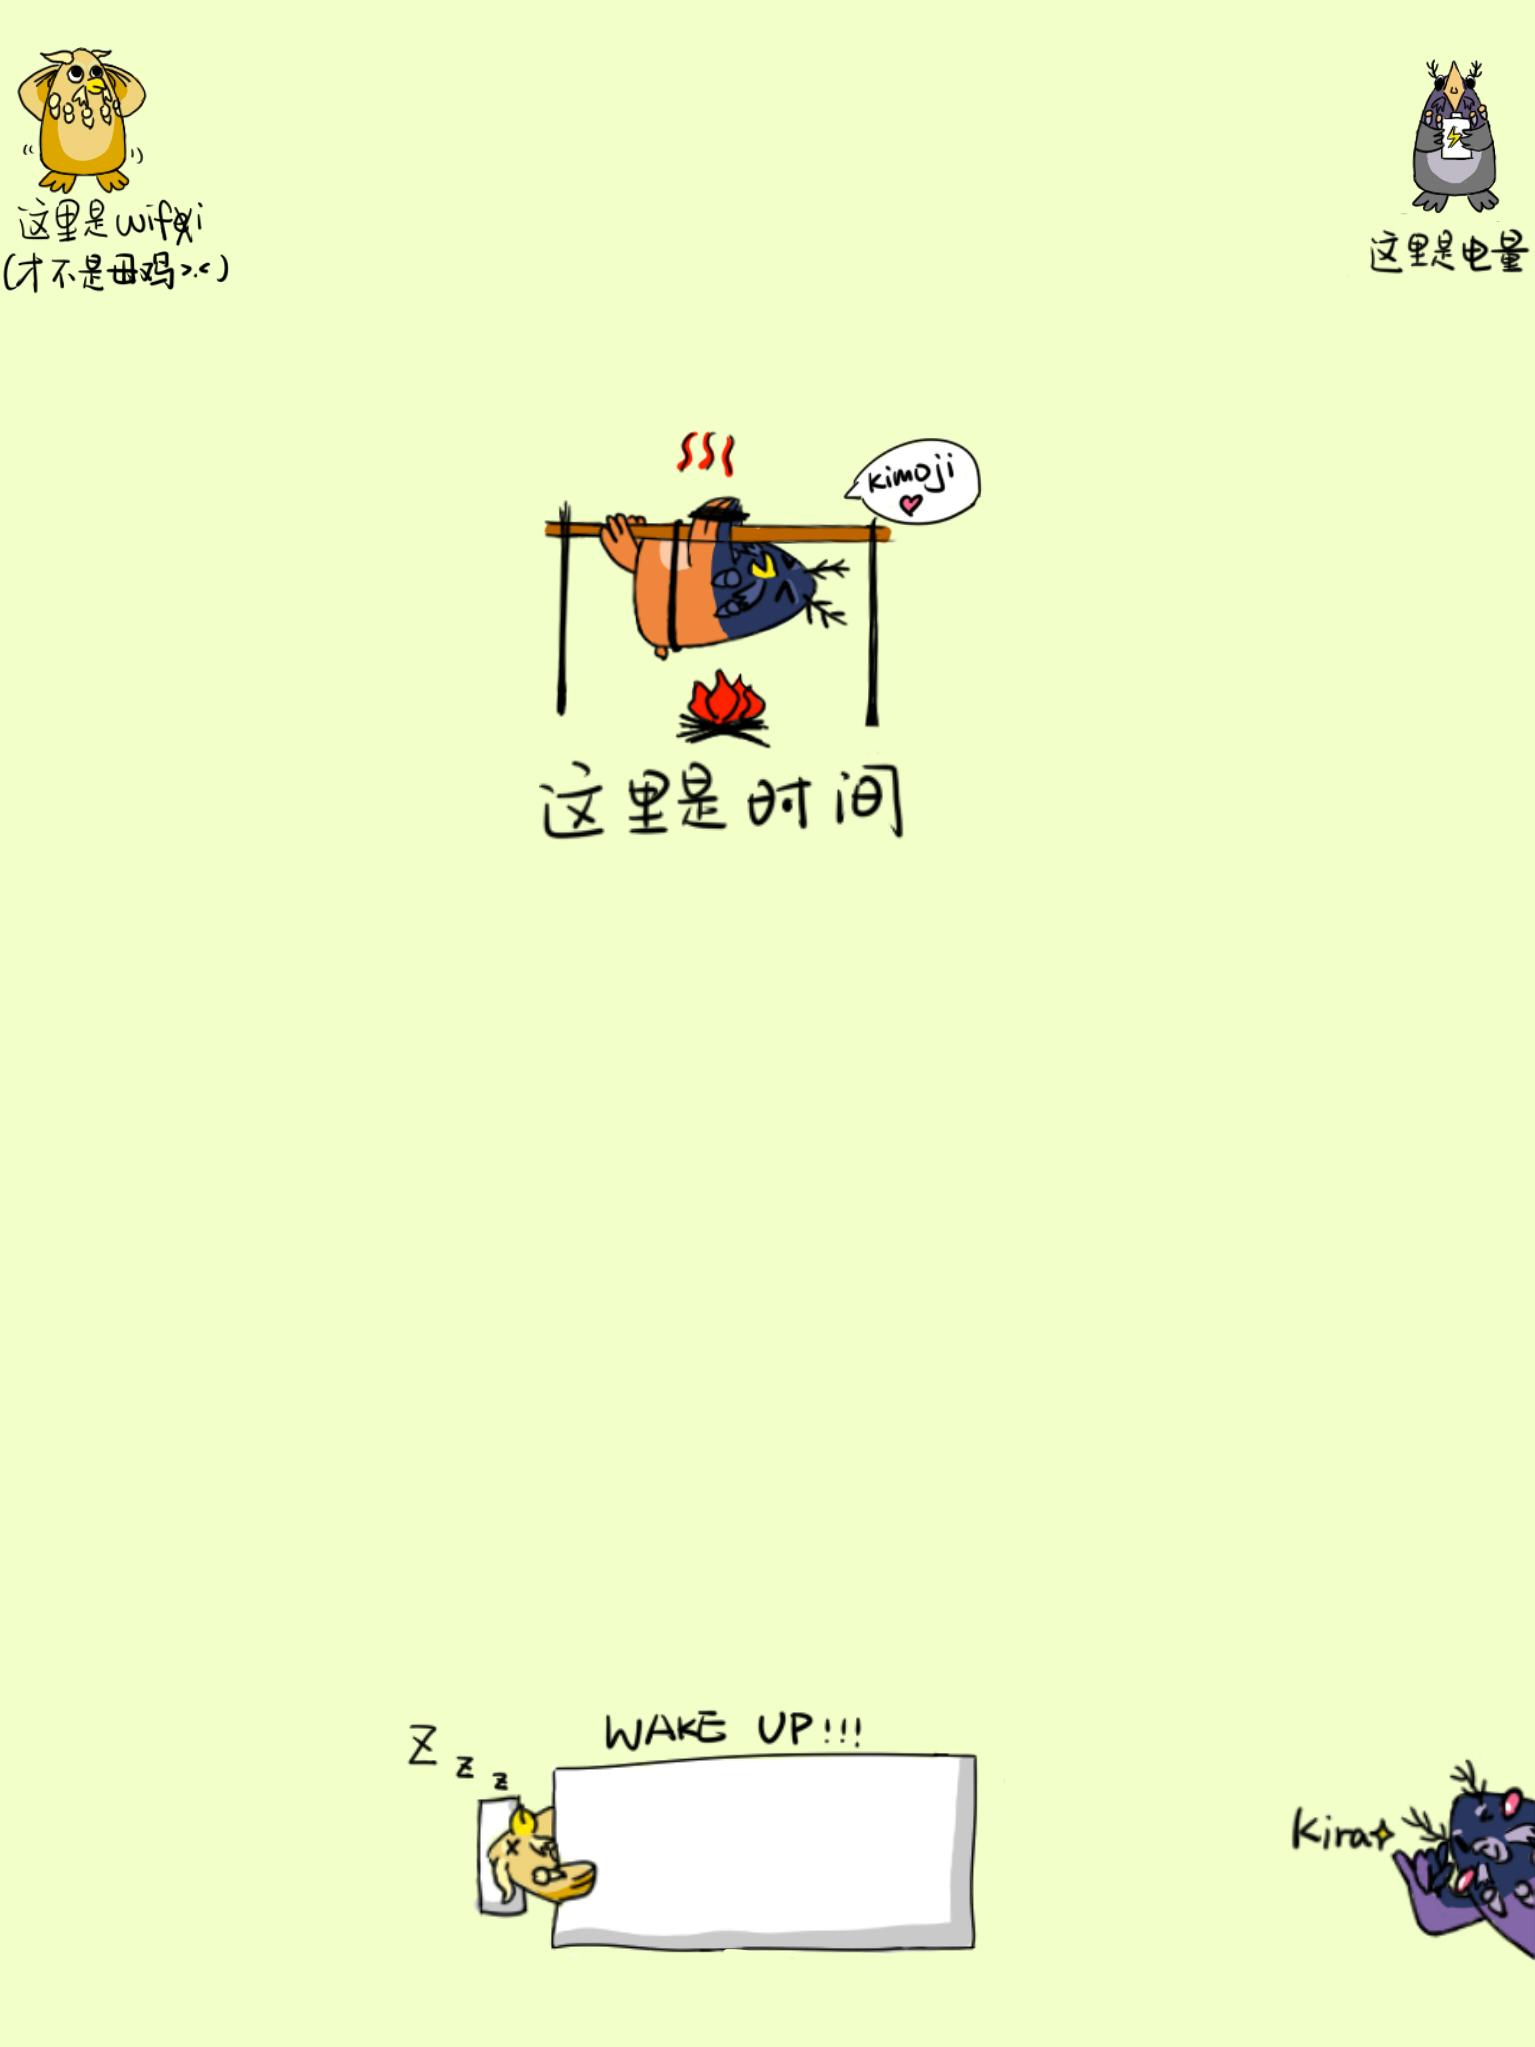 魔獸世界小德手機鎖屏壁紙:大咕咕篇